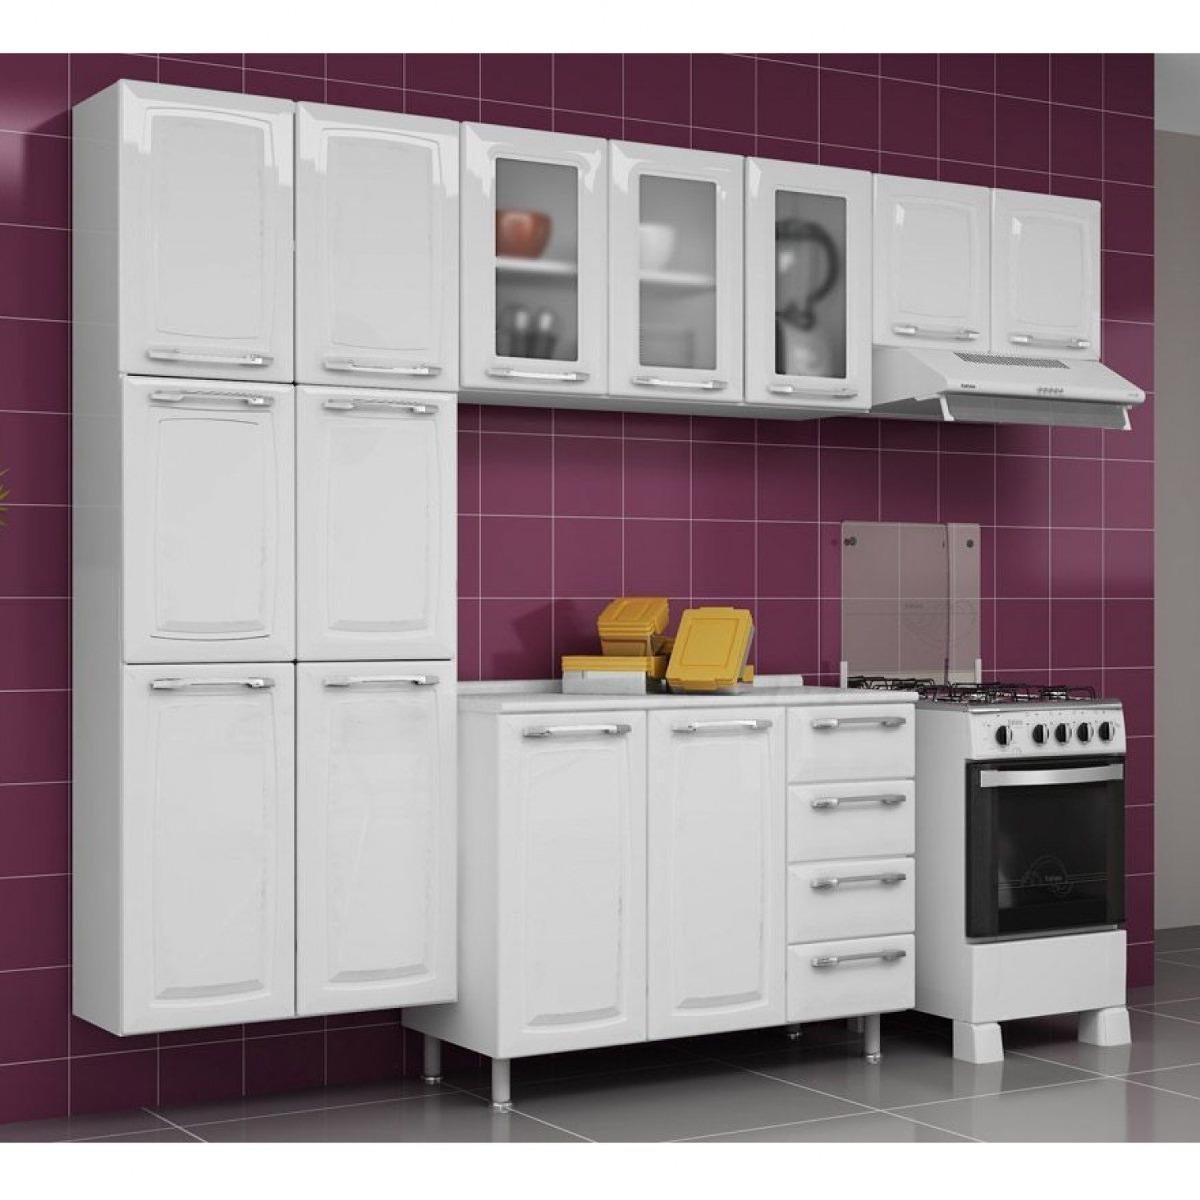 Cozinha Compacta 4 Pe As Com Balc O Criativa Ec R 1 239 90 Em